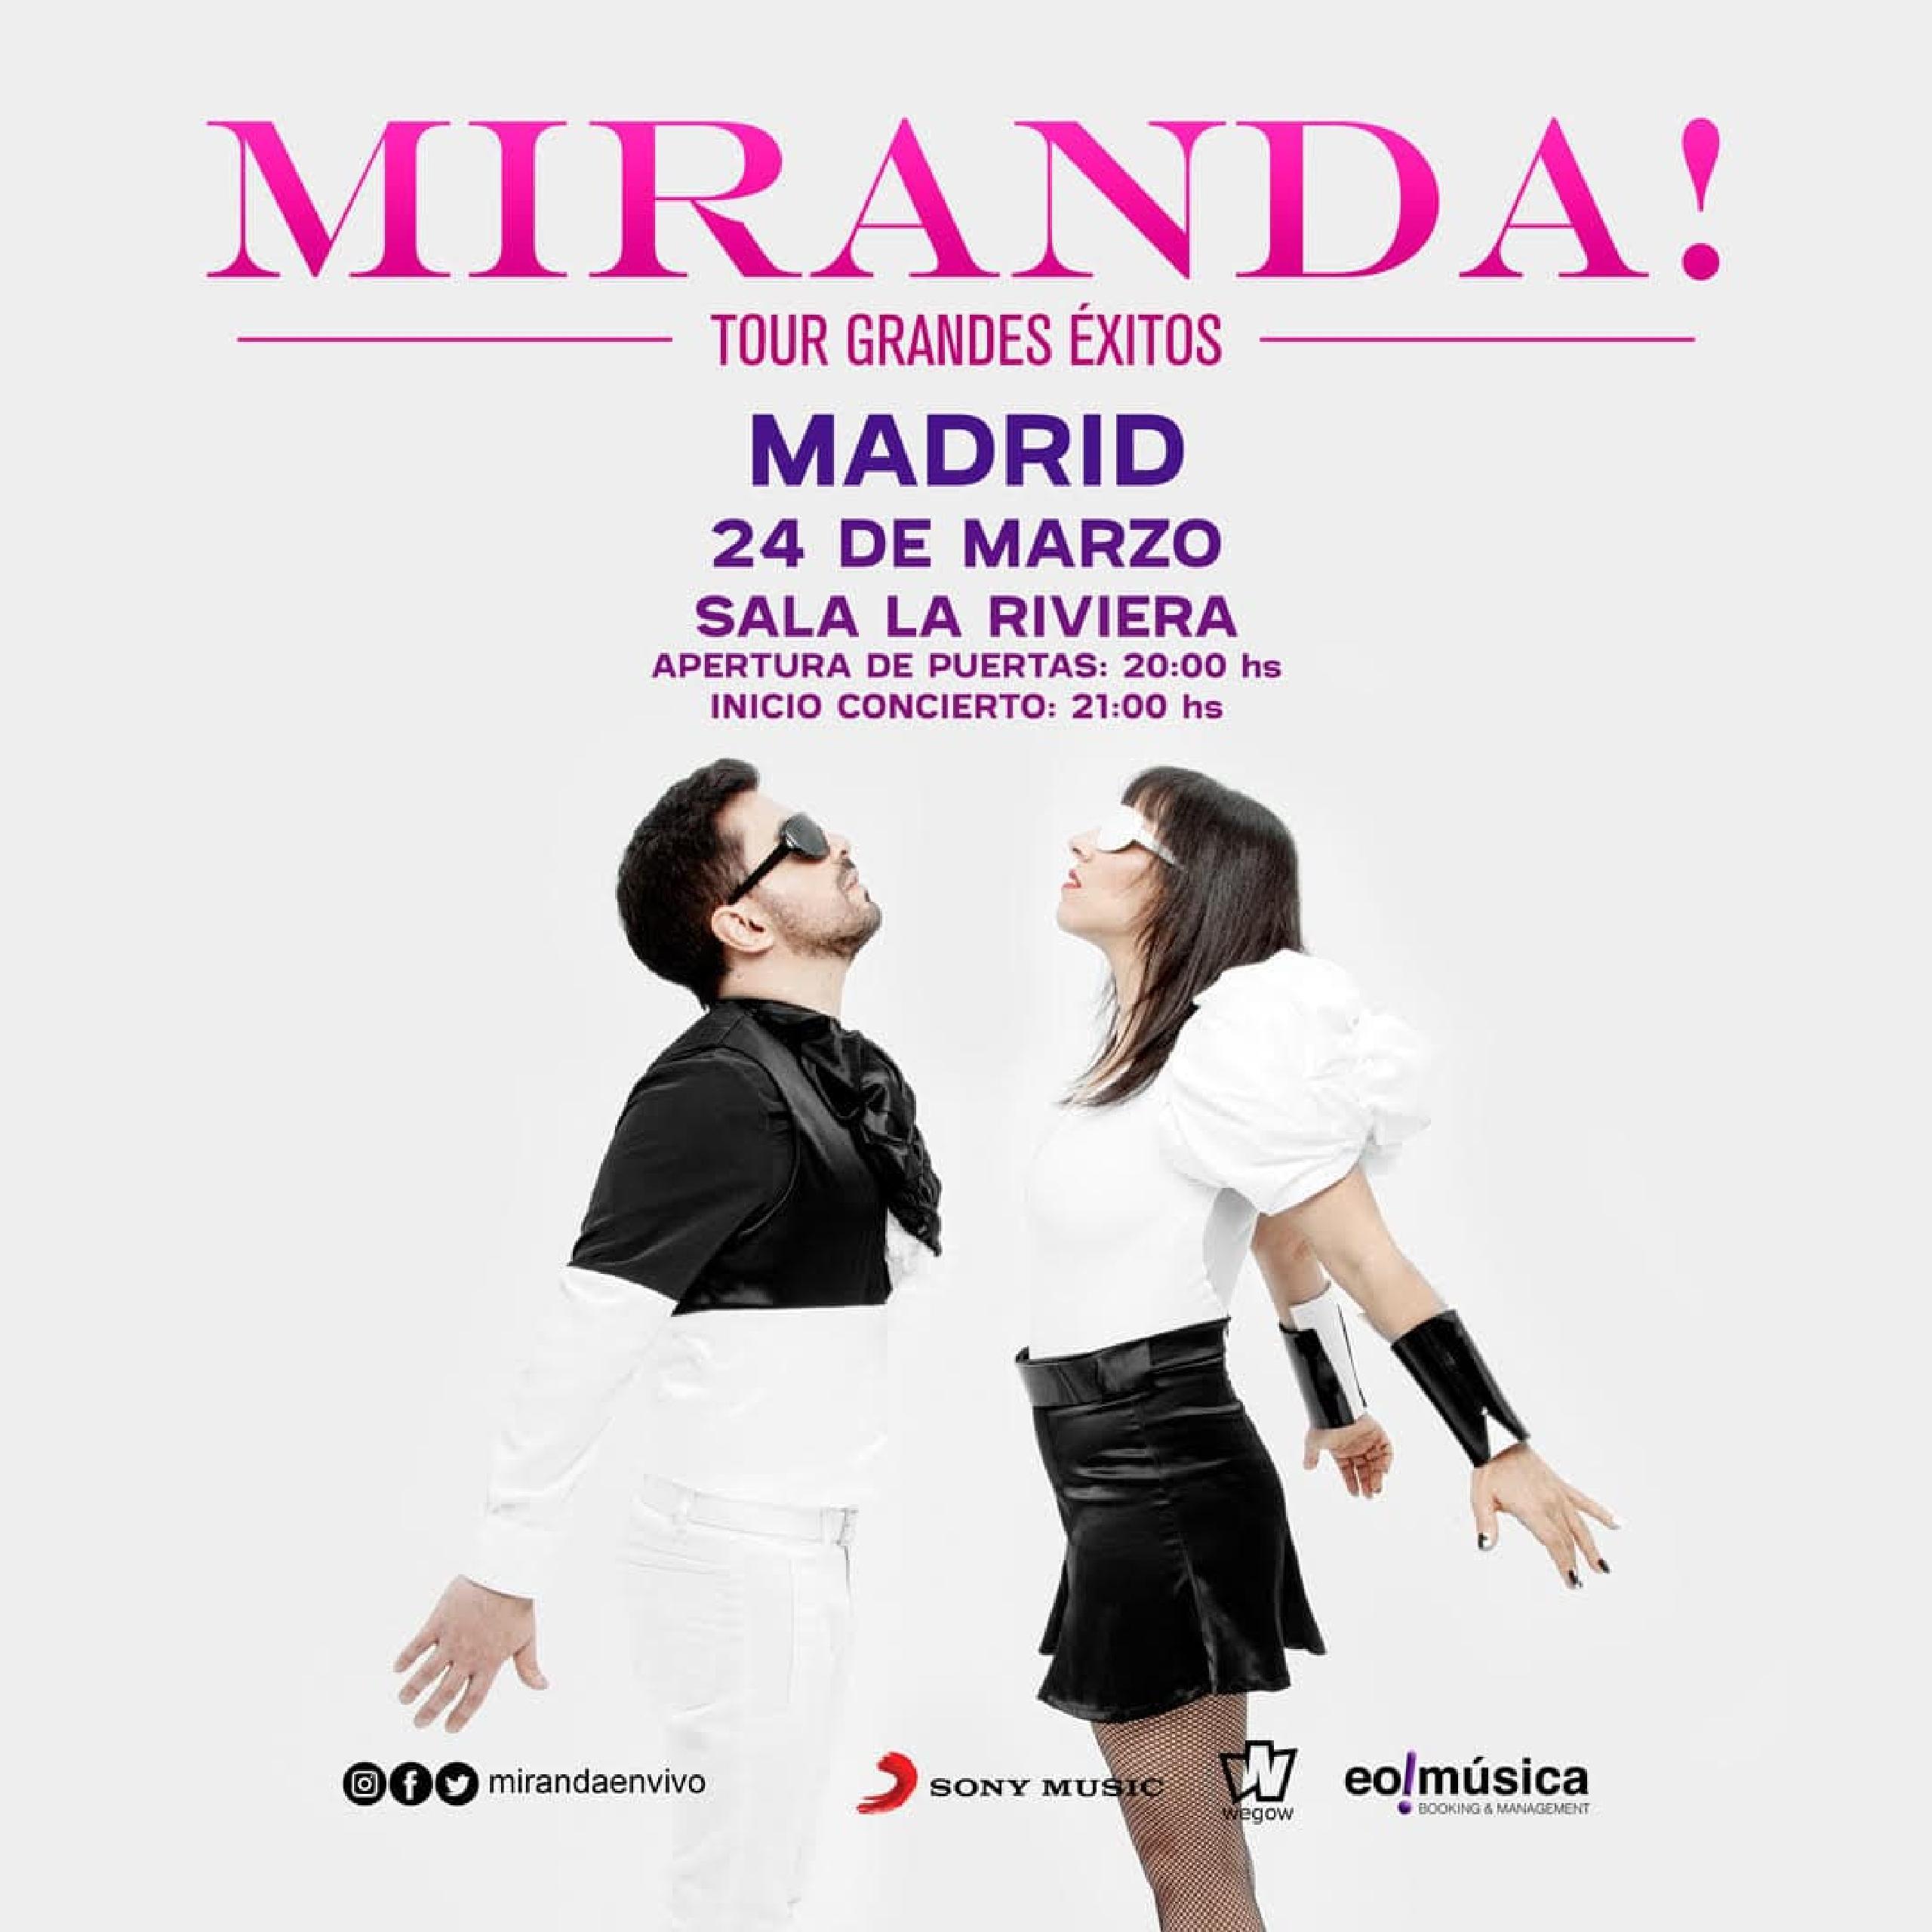 Concierto de Miranda! en Madrid